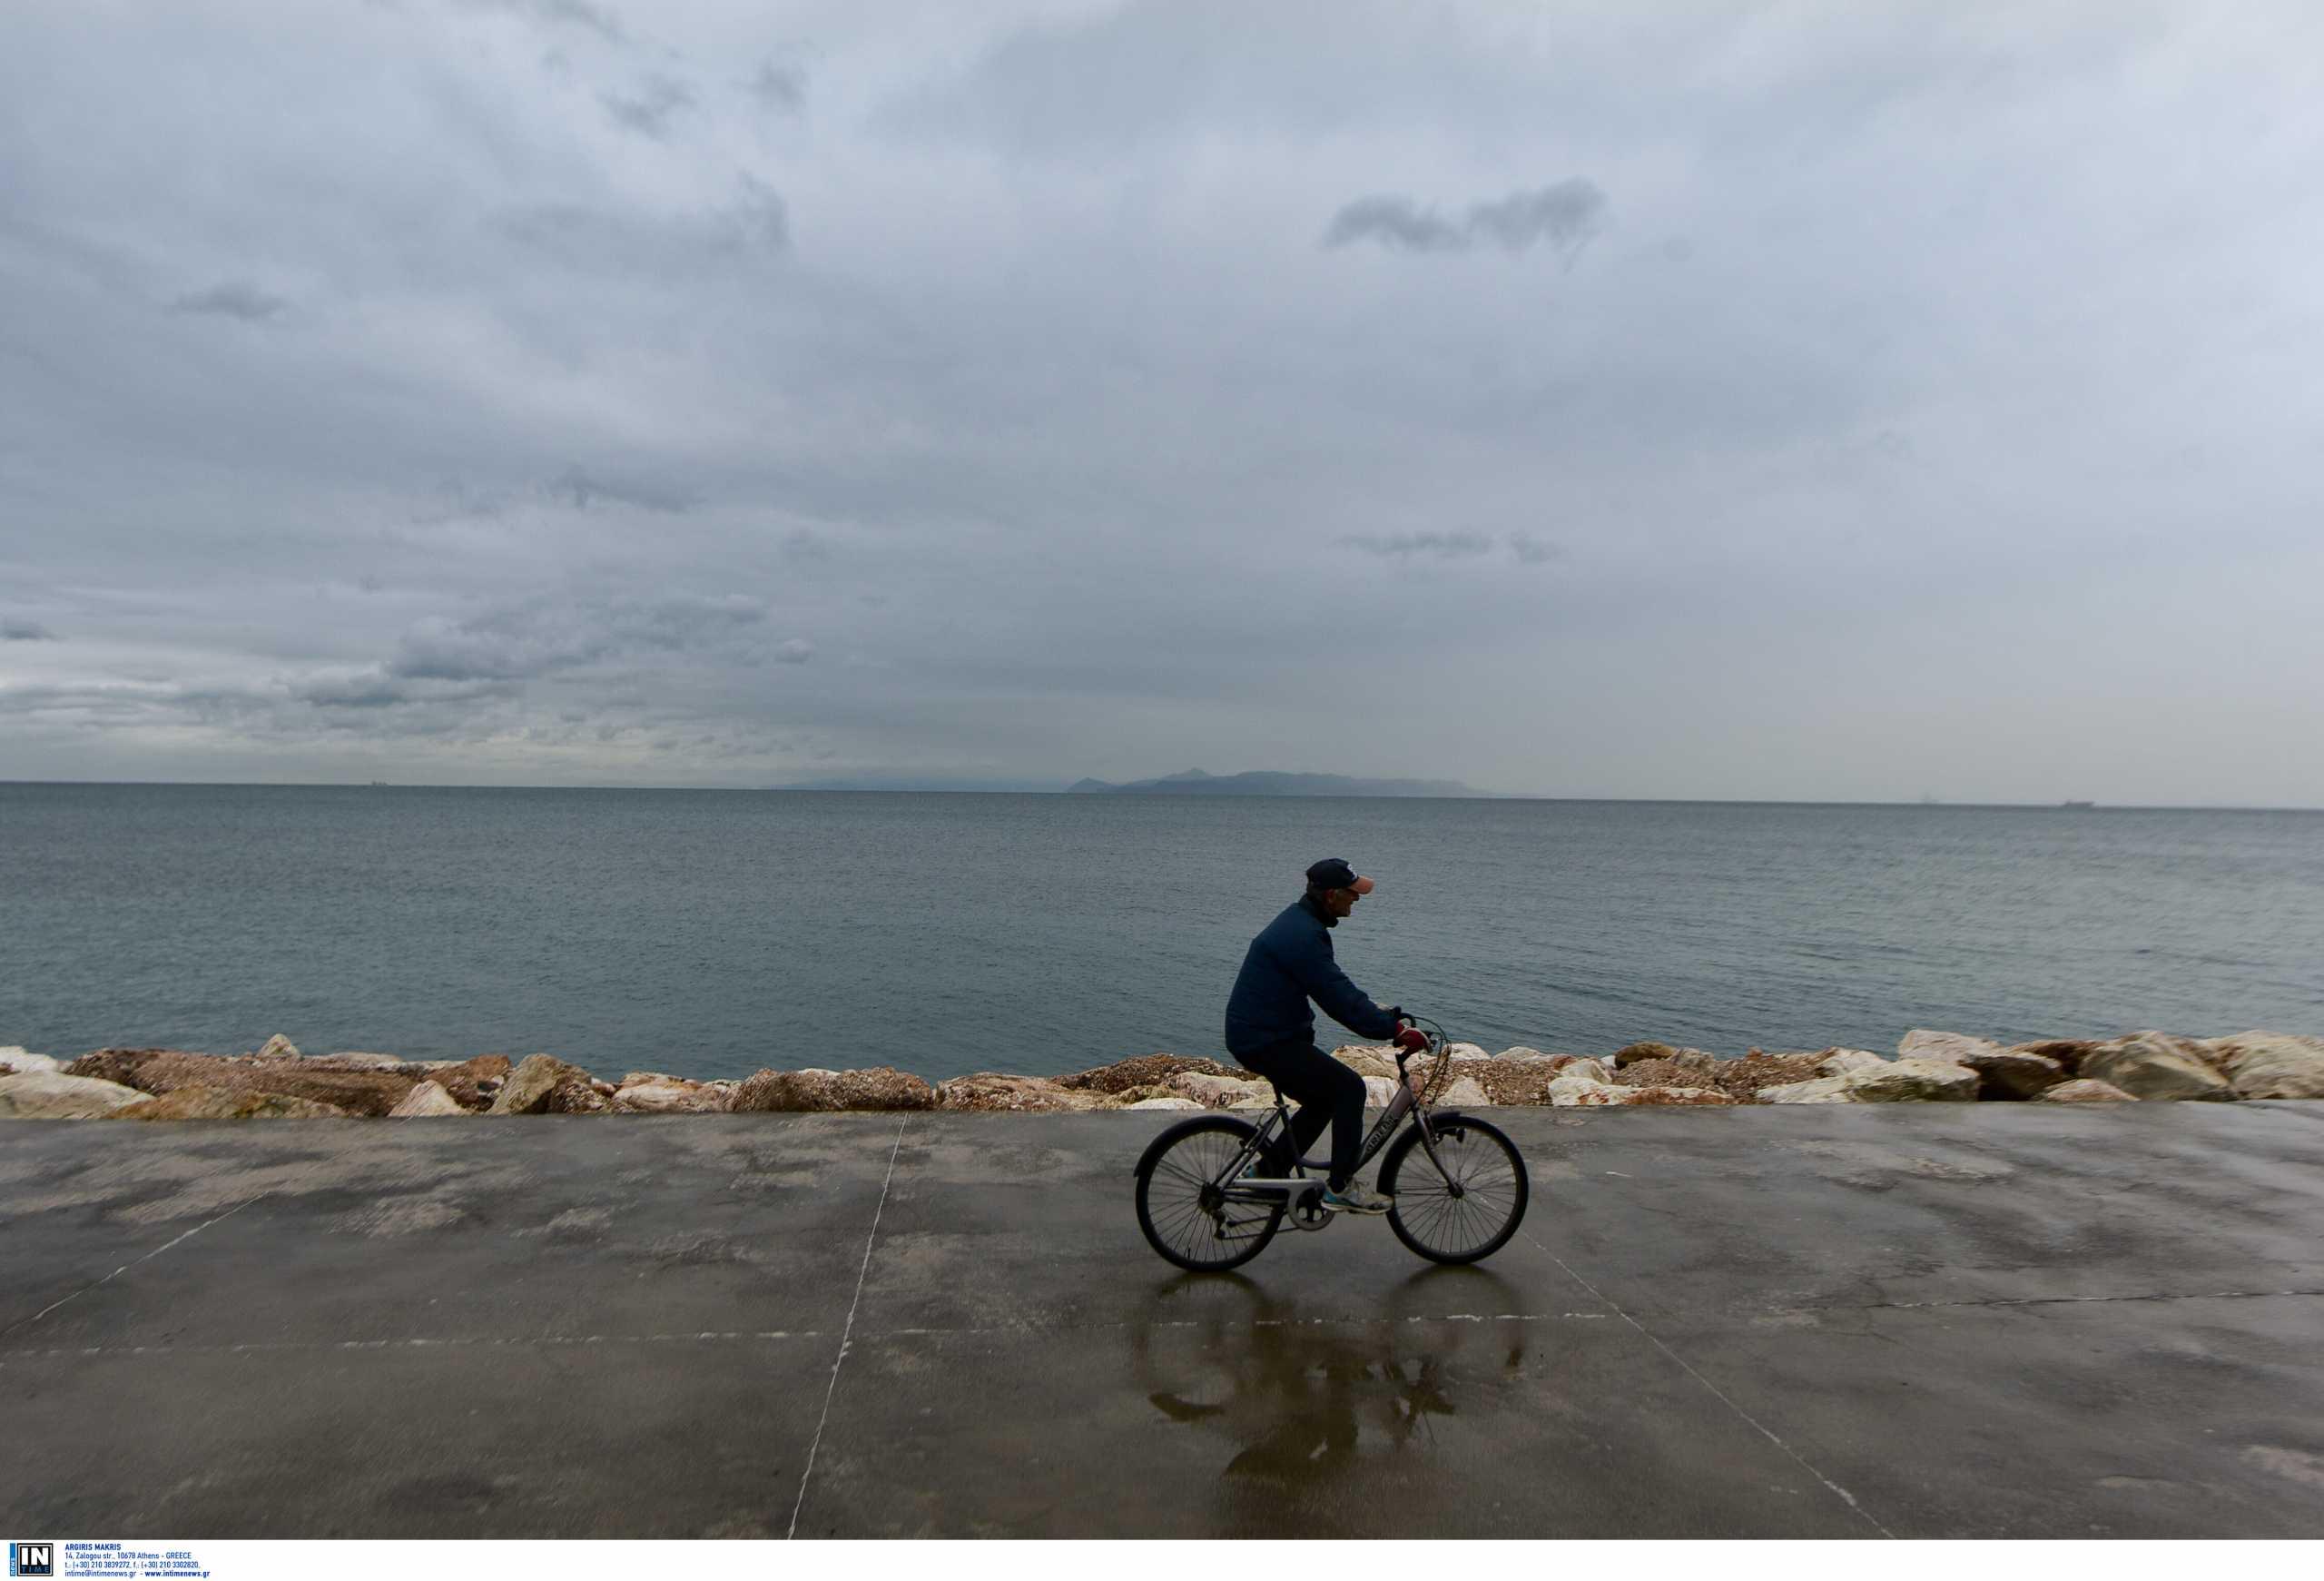 Καιρός – Μαρουσάκης: Χειμώνας για ένα 48ωρο και καλοκαιρινό Σαββατοκύριακο